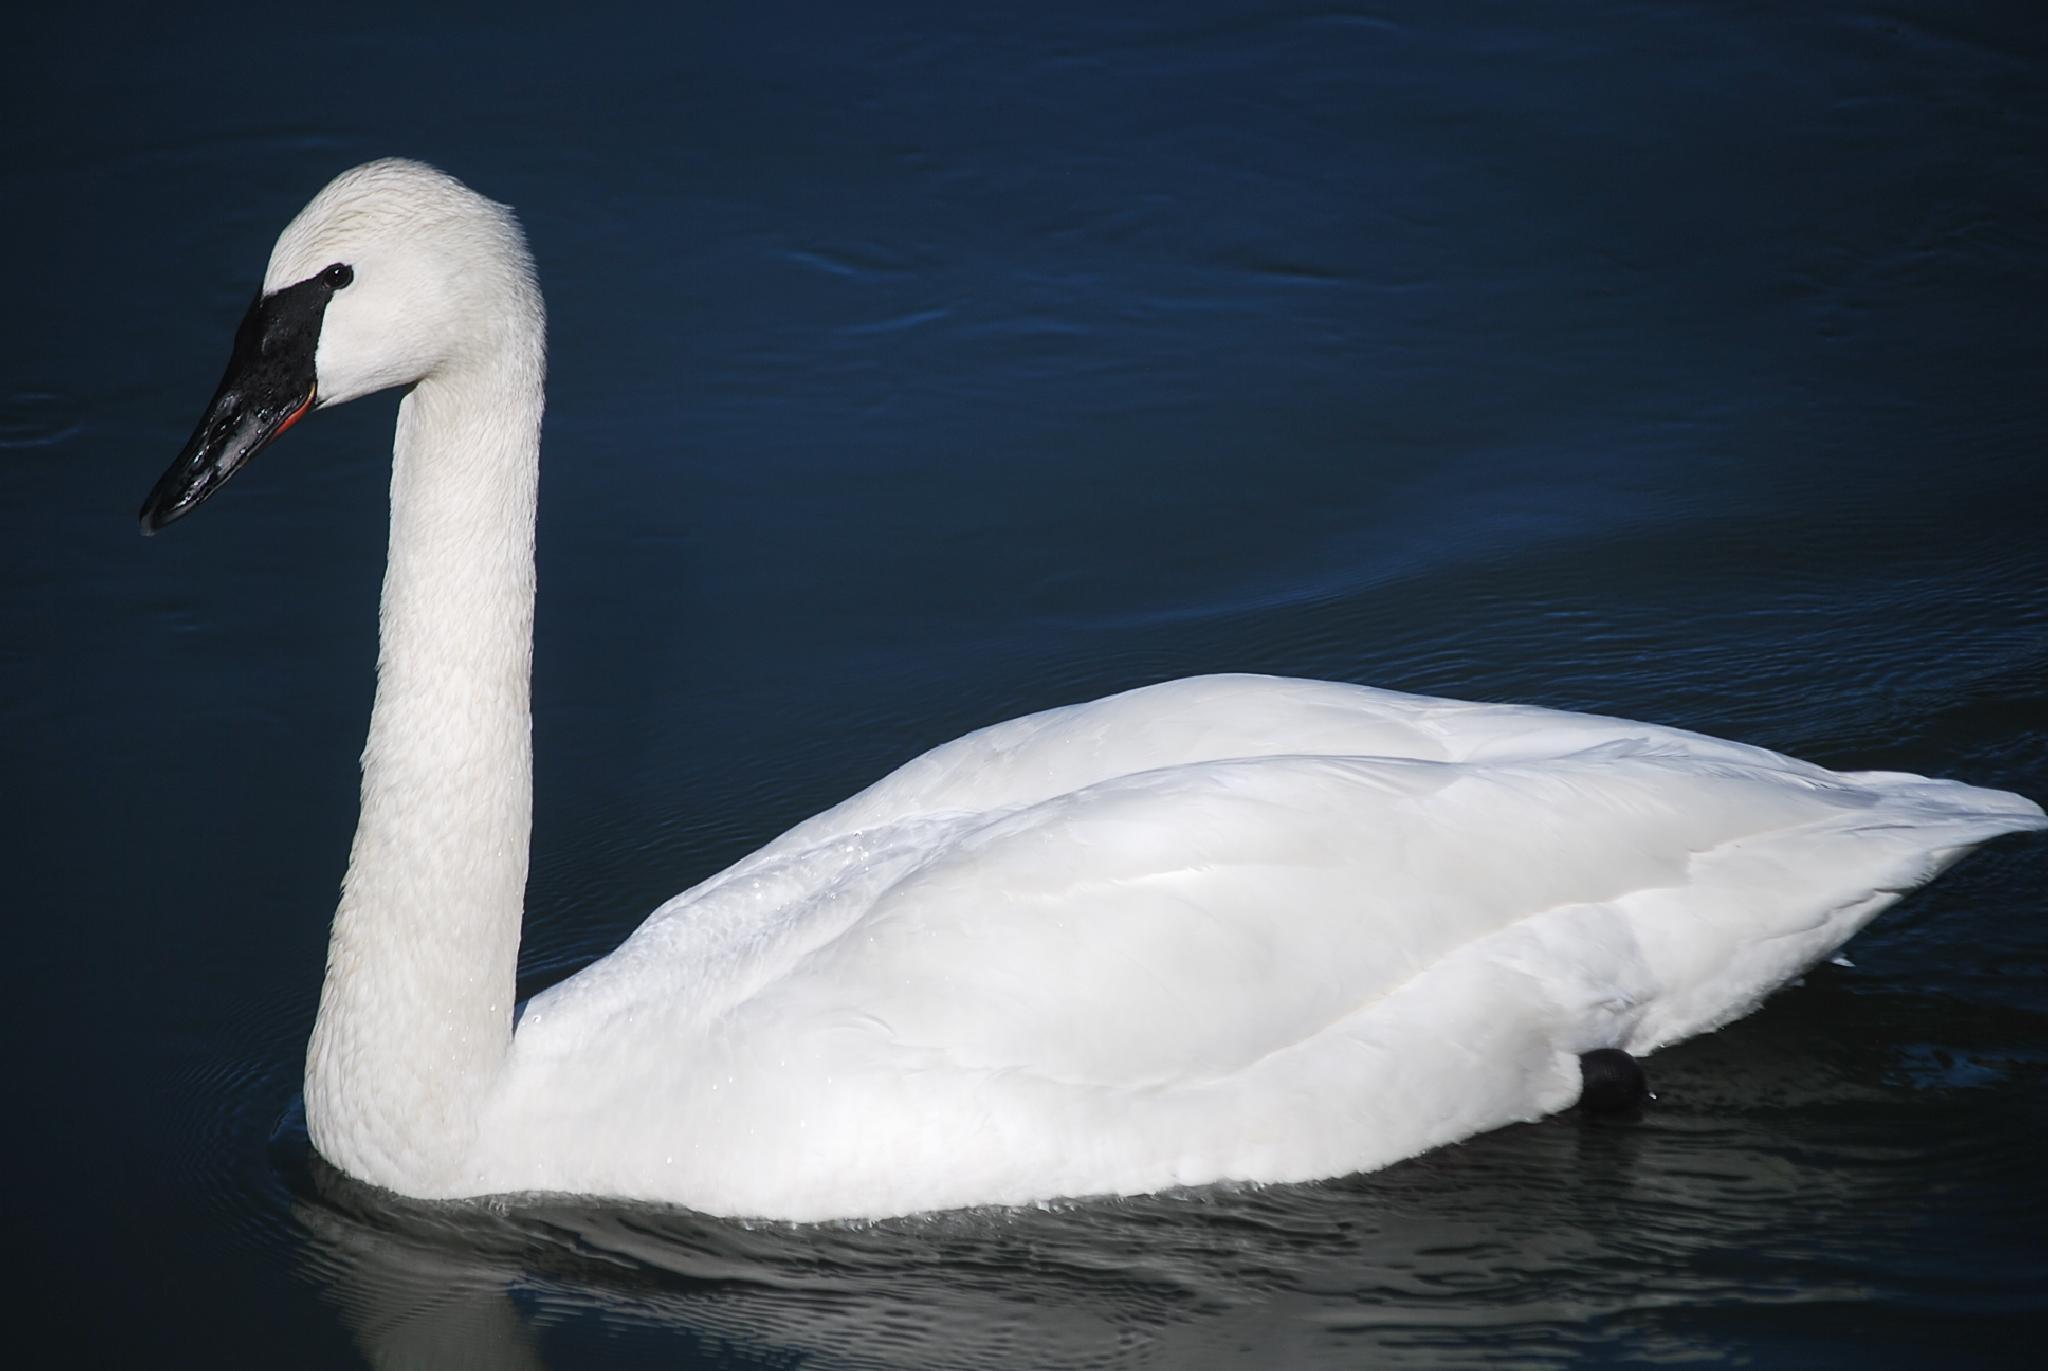 Swan by marilyn wirtz